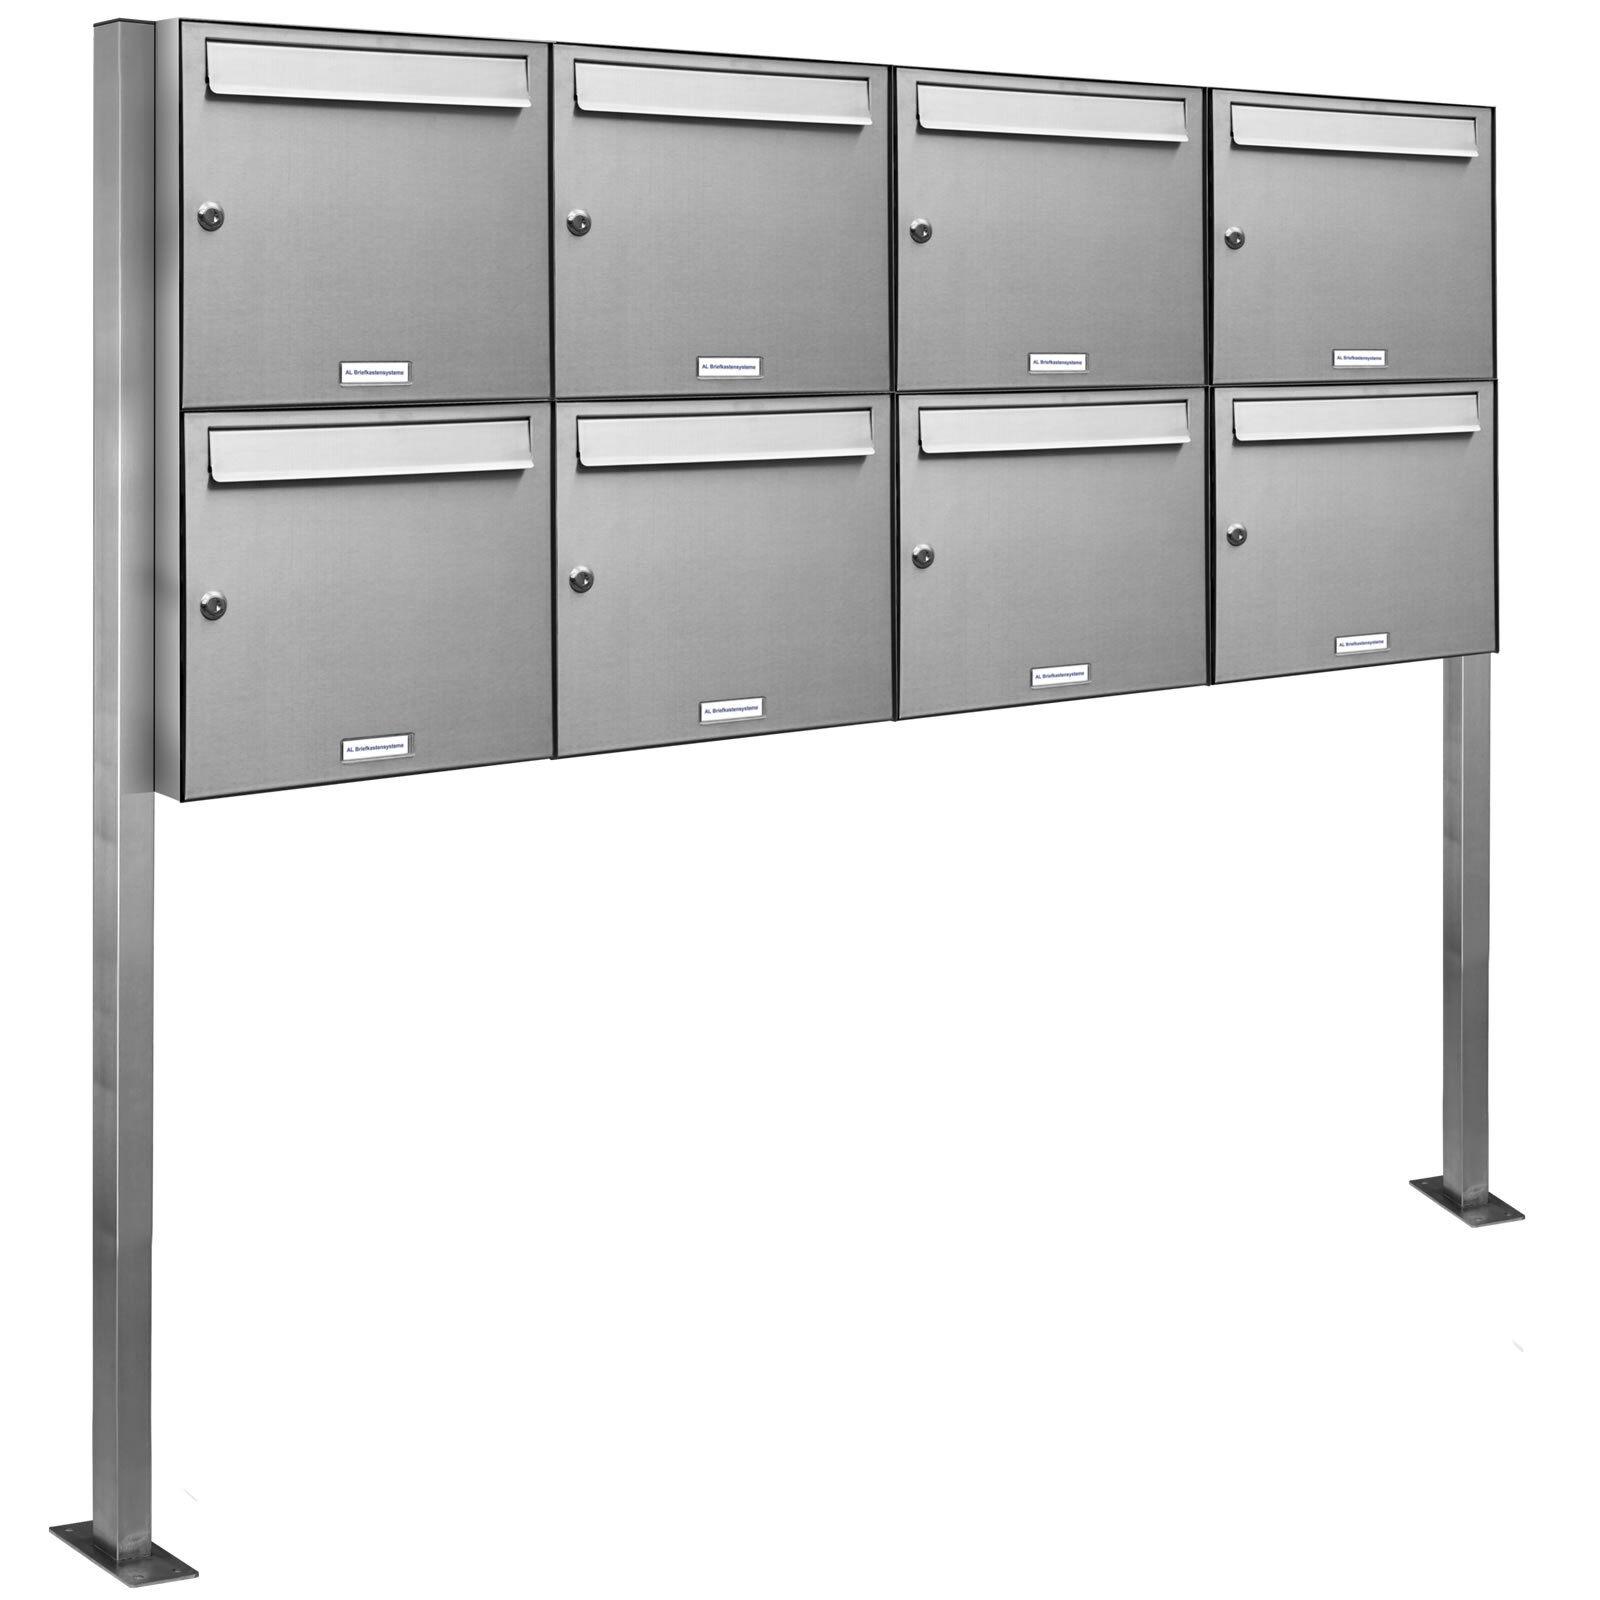 8 er Premium V2A Edelstahl Stand Briefkasten Anlage Postkasten freistehend 4x2